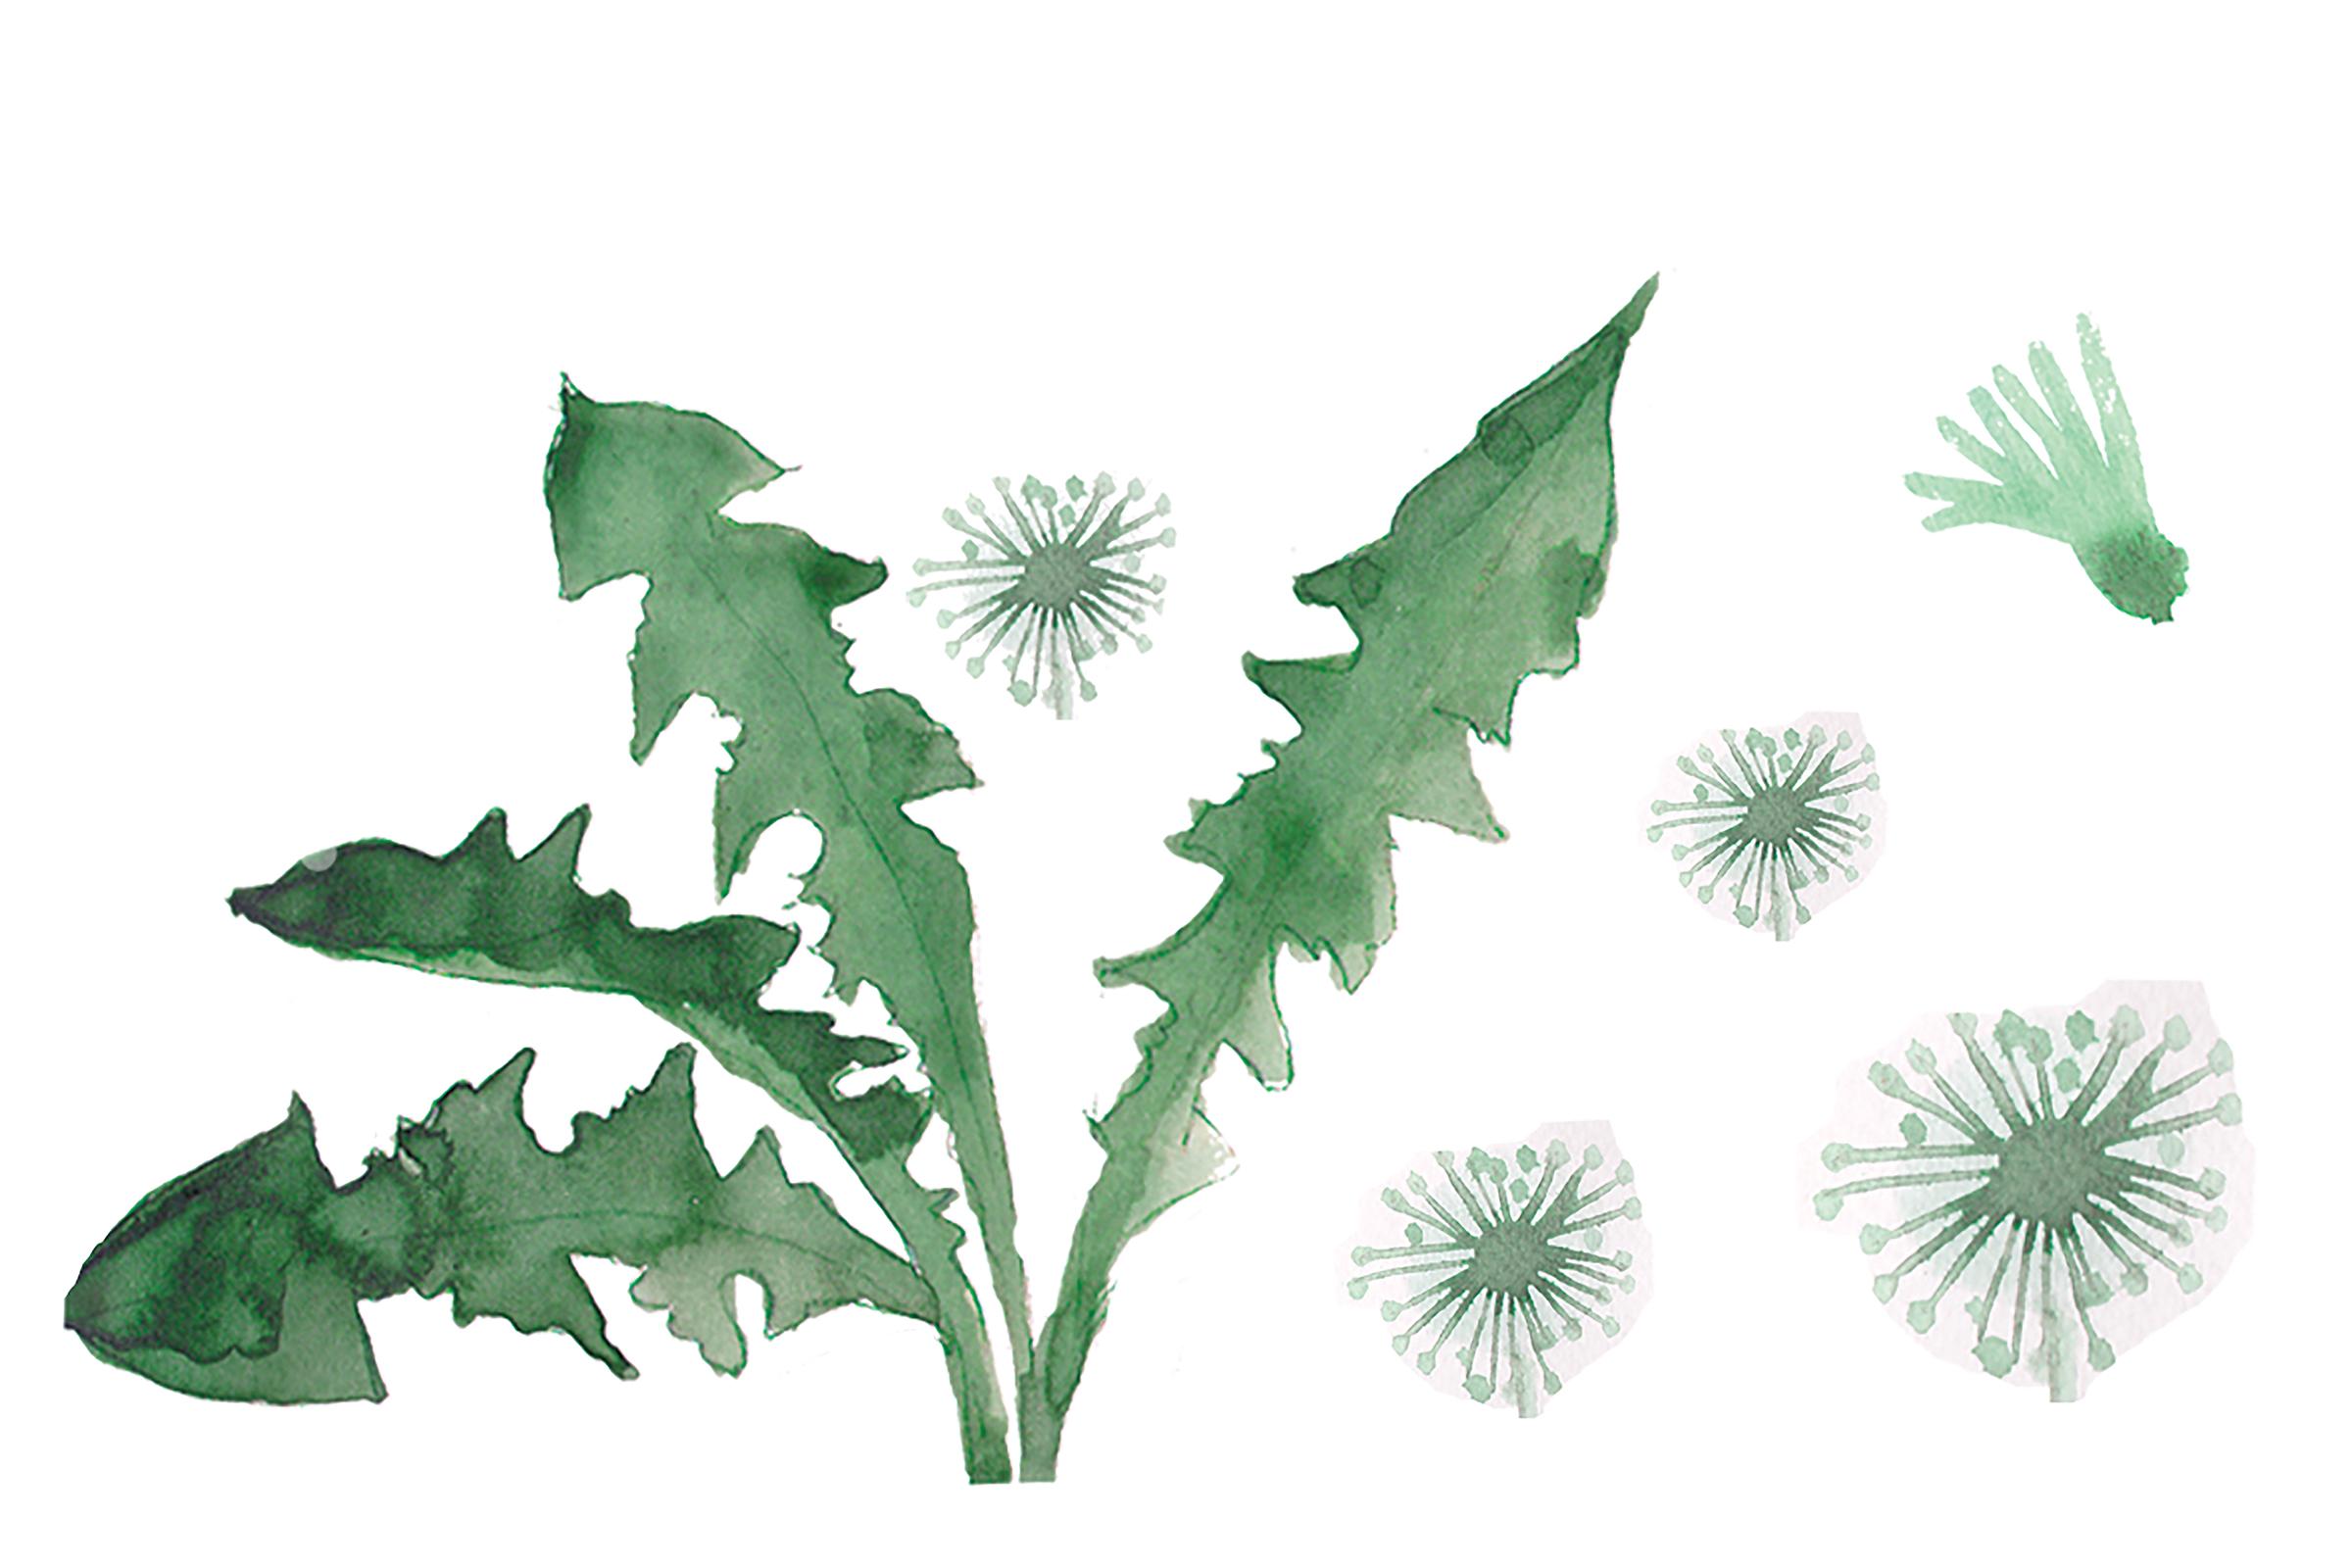 Dandelion leaves painting